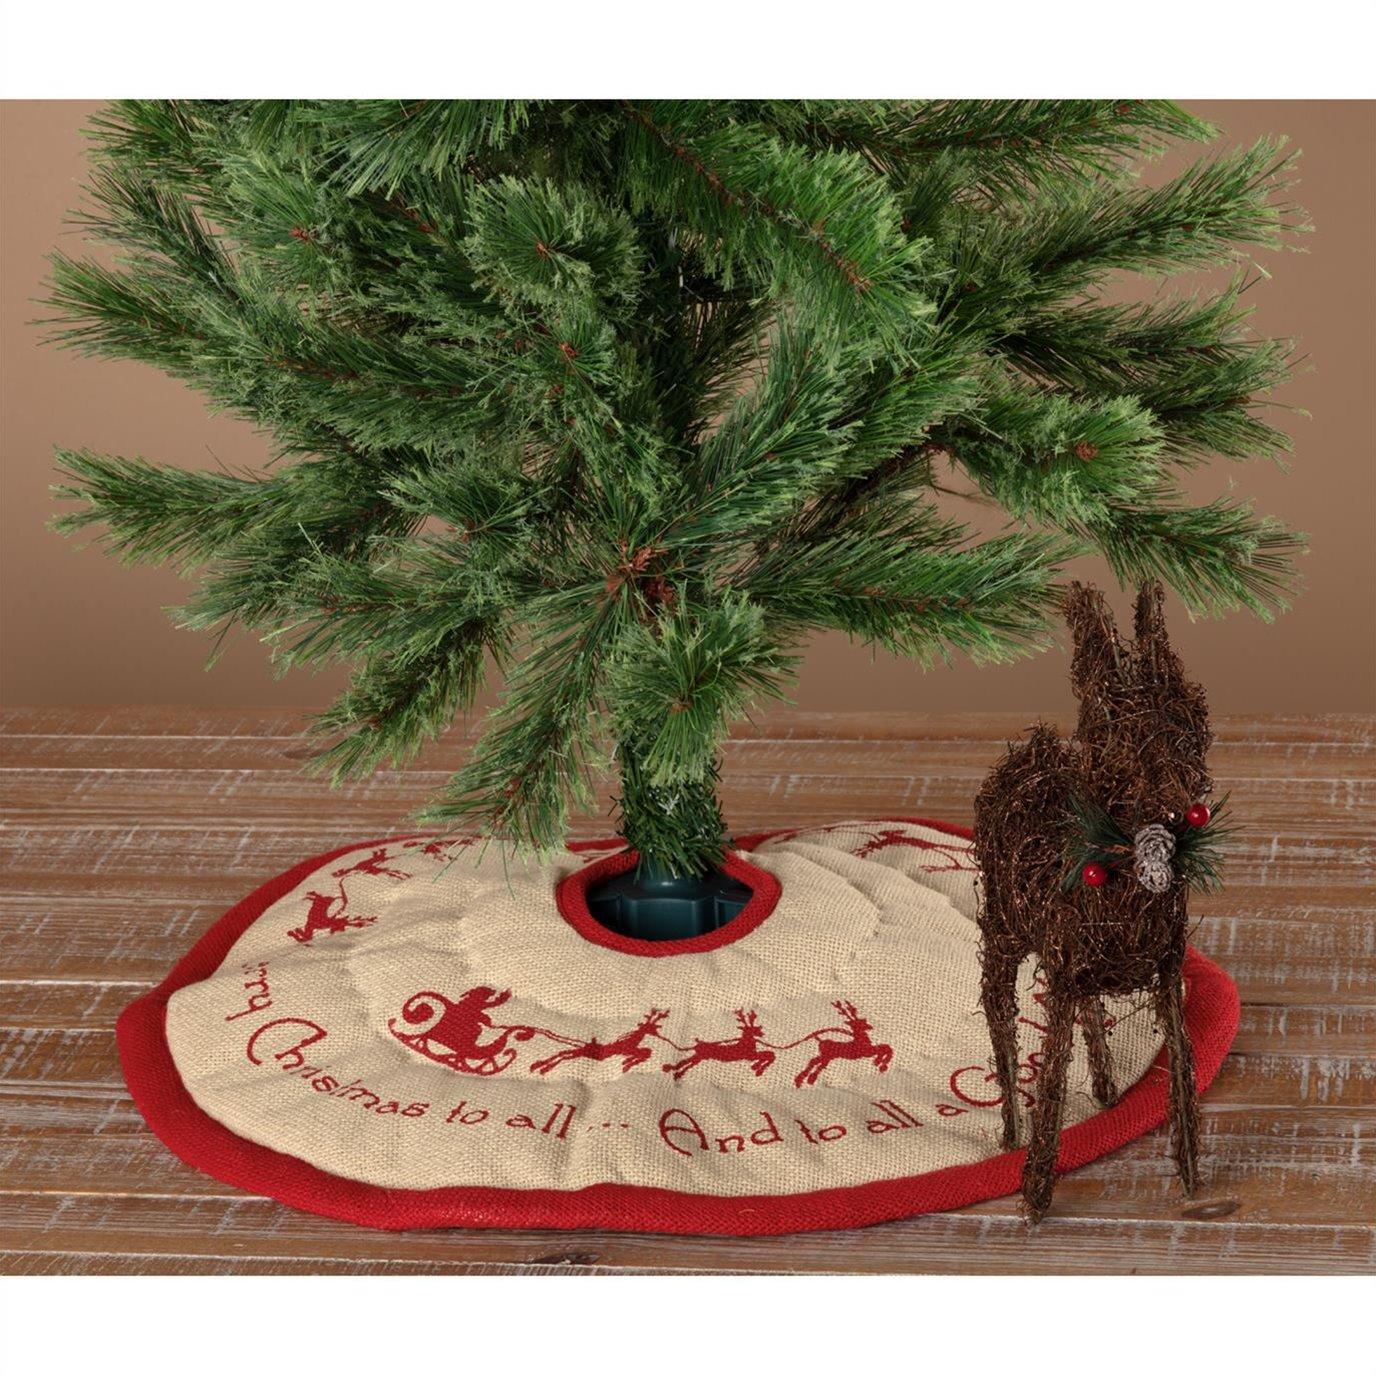 Burlap Santa Mini Tree Skirt 21